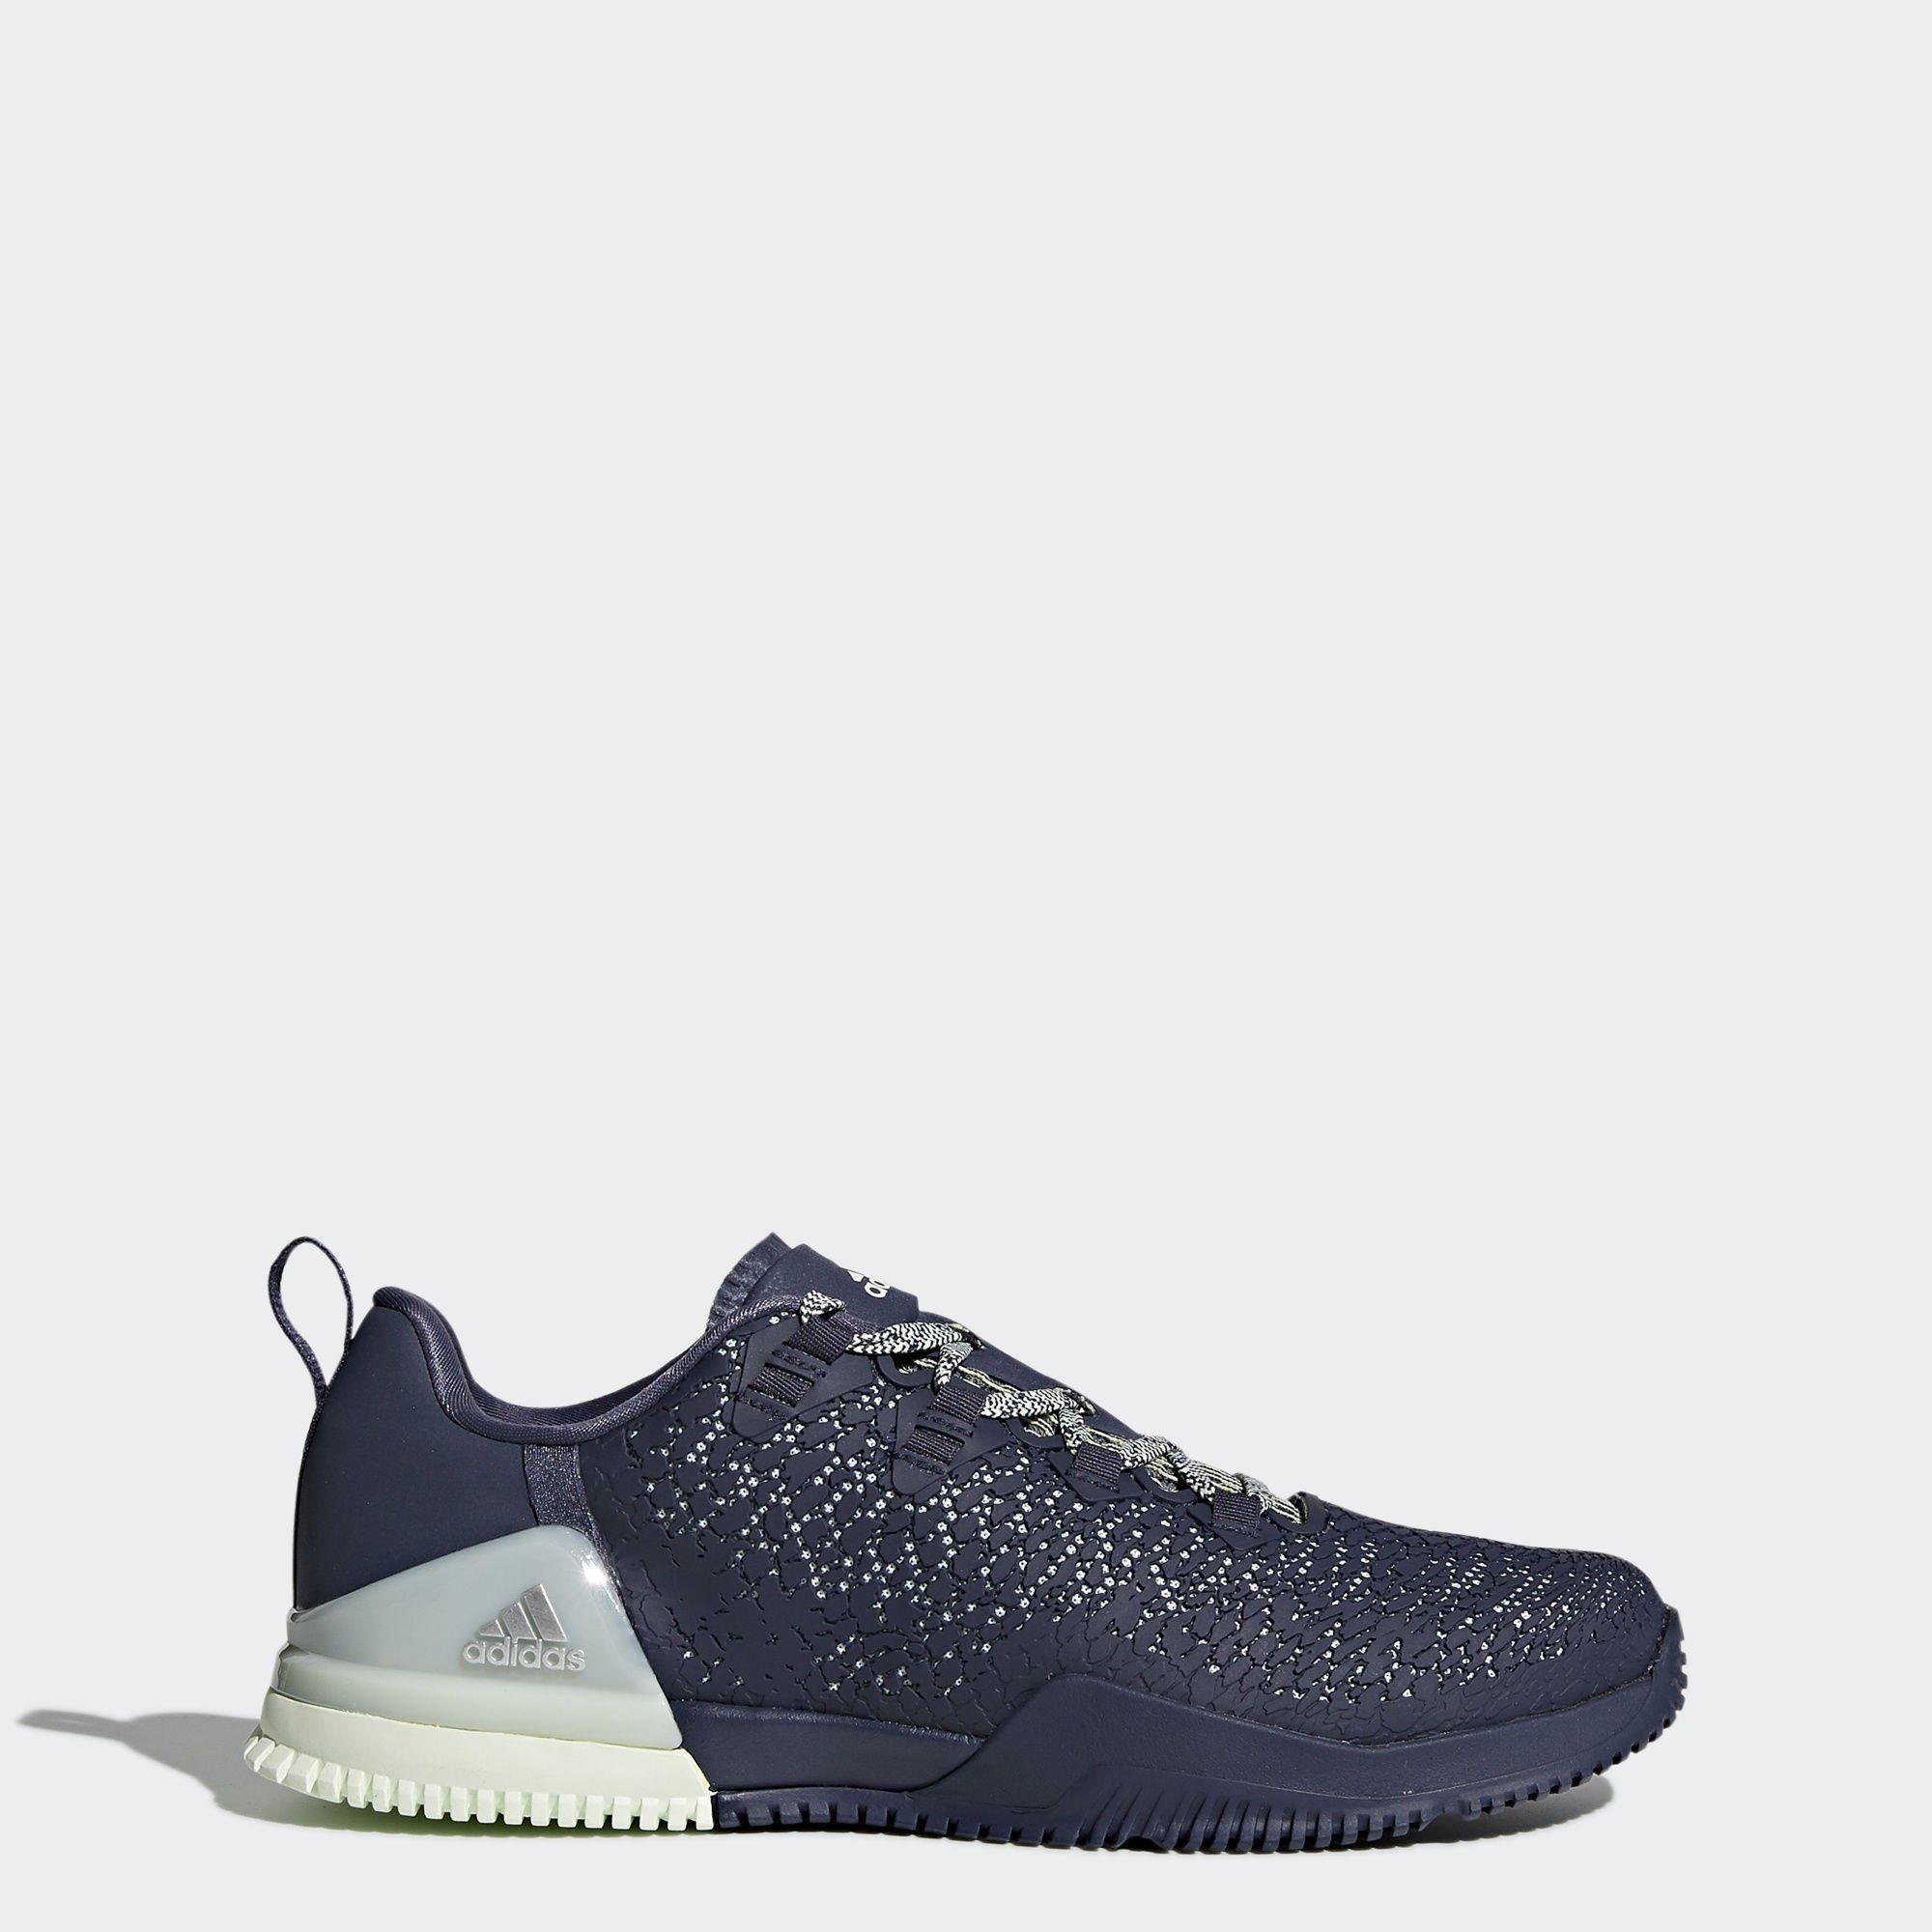 Vermarktbare Online Bilder CrazyPower Trainer Schuh adidas Billig Großhandelspreis Spielraum Empfehlen AOUchbIUnS